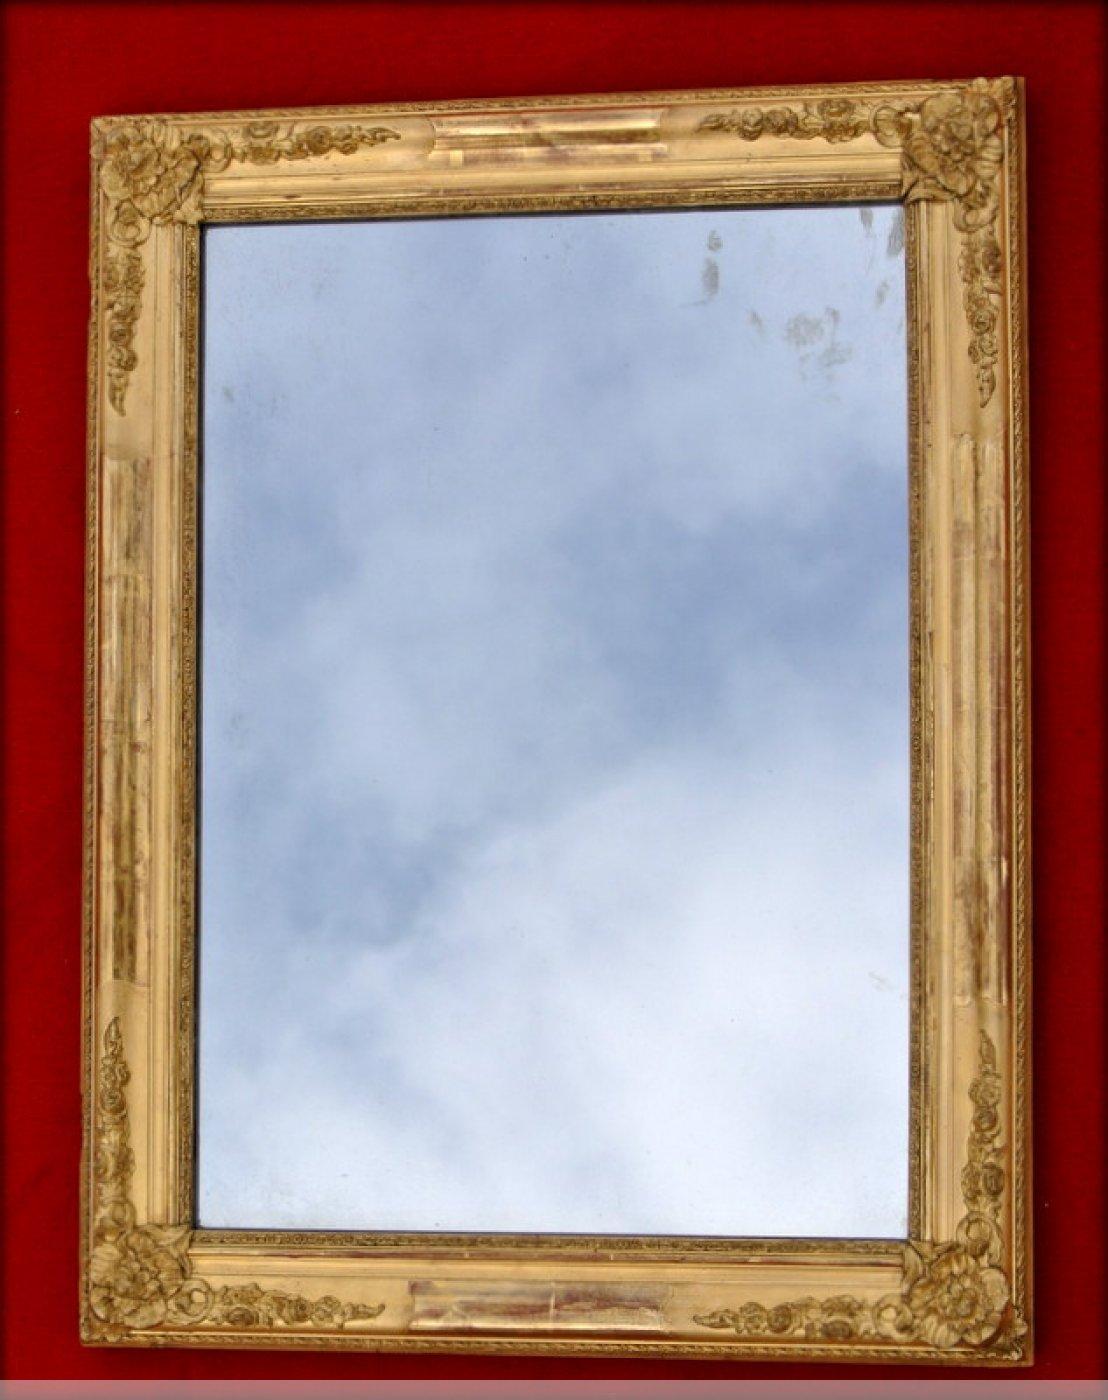 Petit miroir d 39 poque restauration xixe si cle for Miroir petit